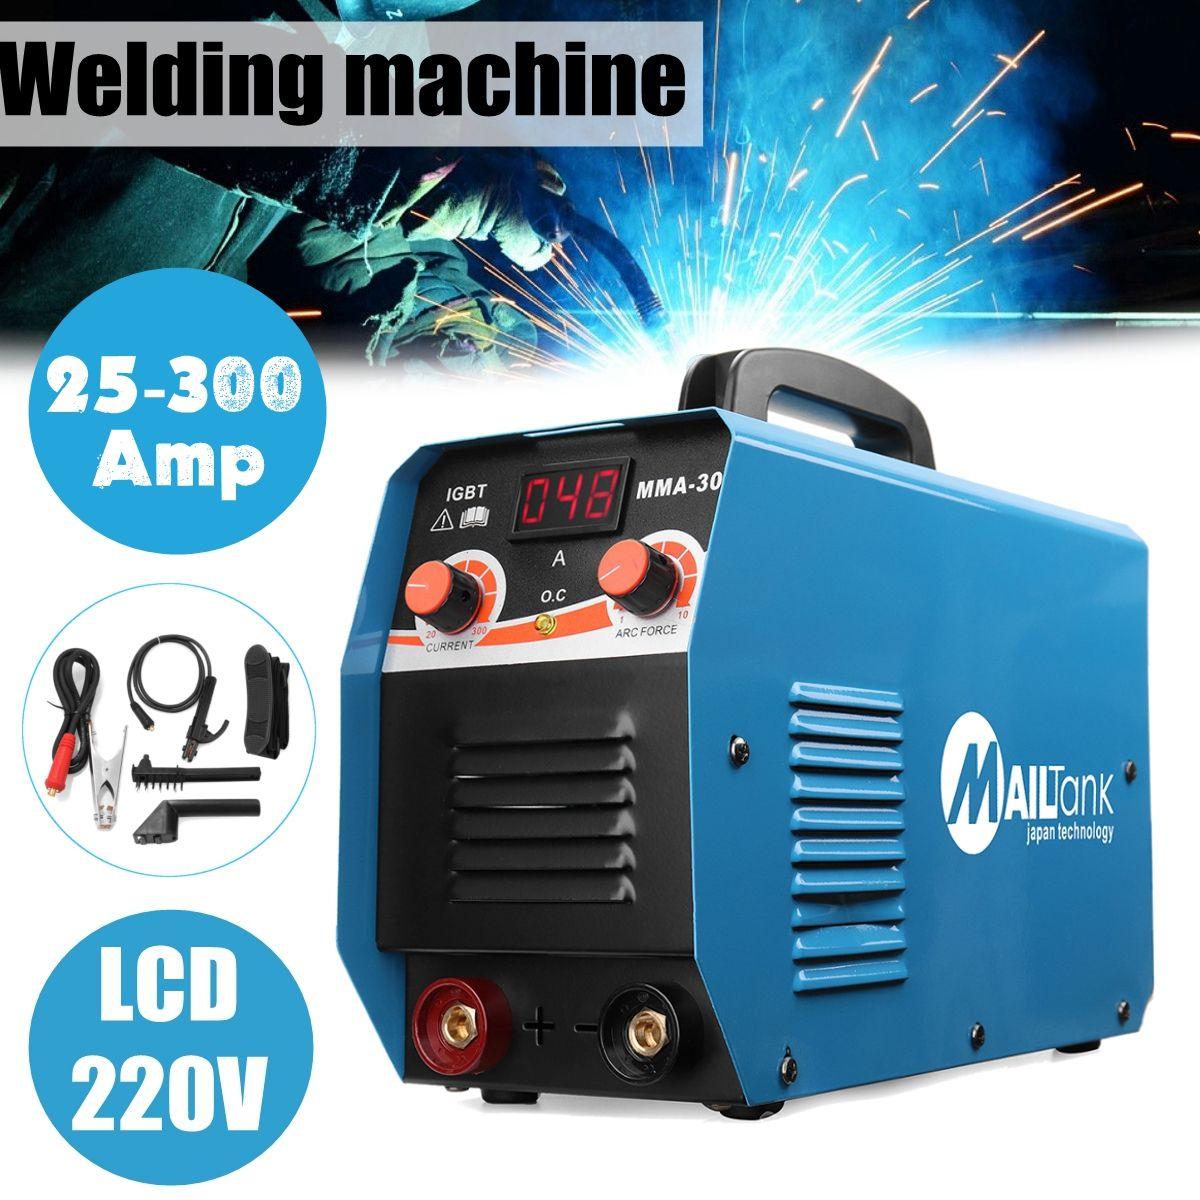 Tragbare MMA-300G Mini Schweißen DC Schweißen Maschine 220 v 25A-300A Halbautomatische Inverter LCD Löten Werkzeug Schweiß Arbeits